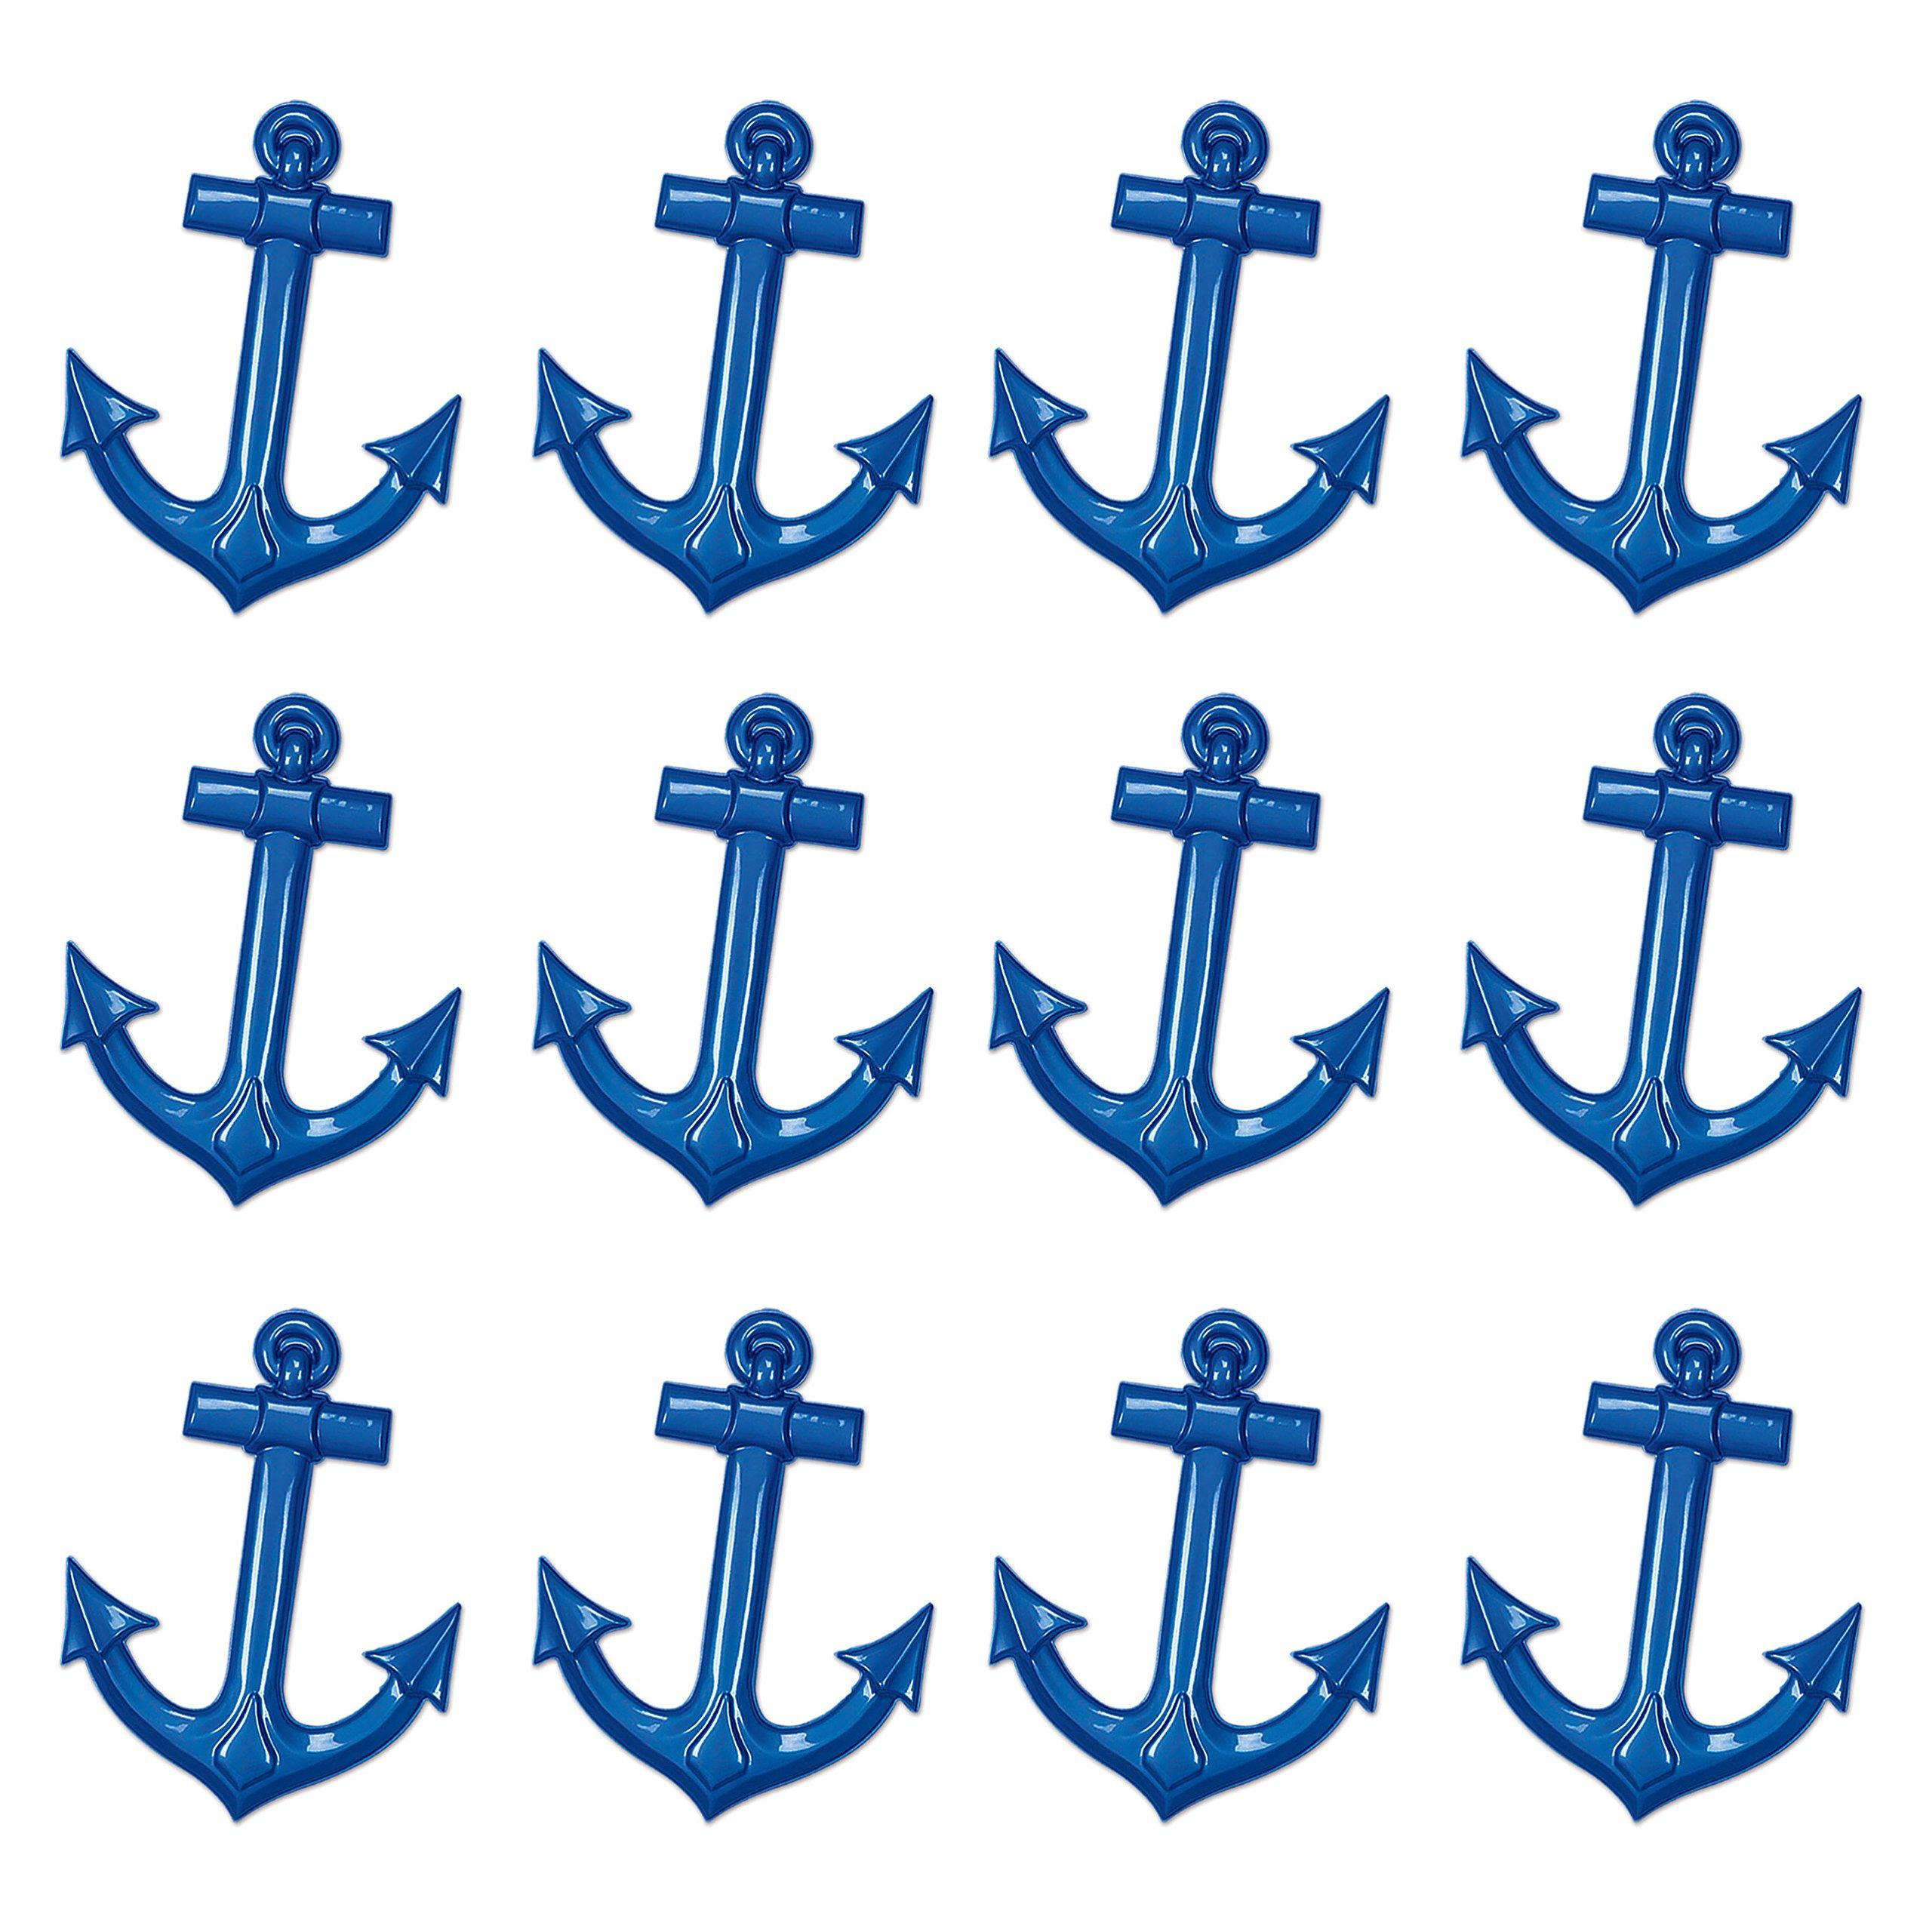 Beistle Bristle S55501-BAZ12 Plastic Ship's Anchors 12 Piece, 25'', Blue